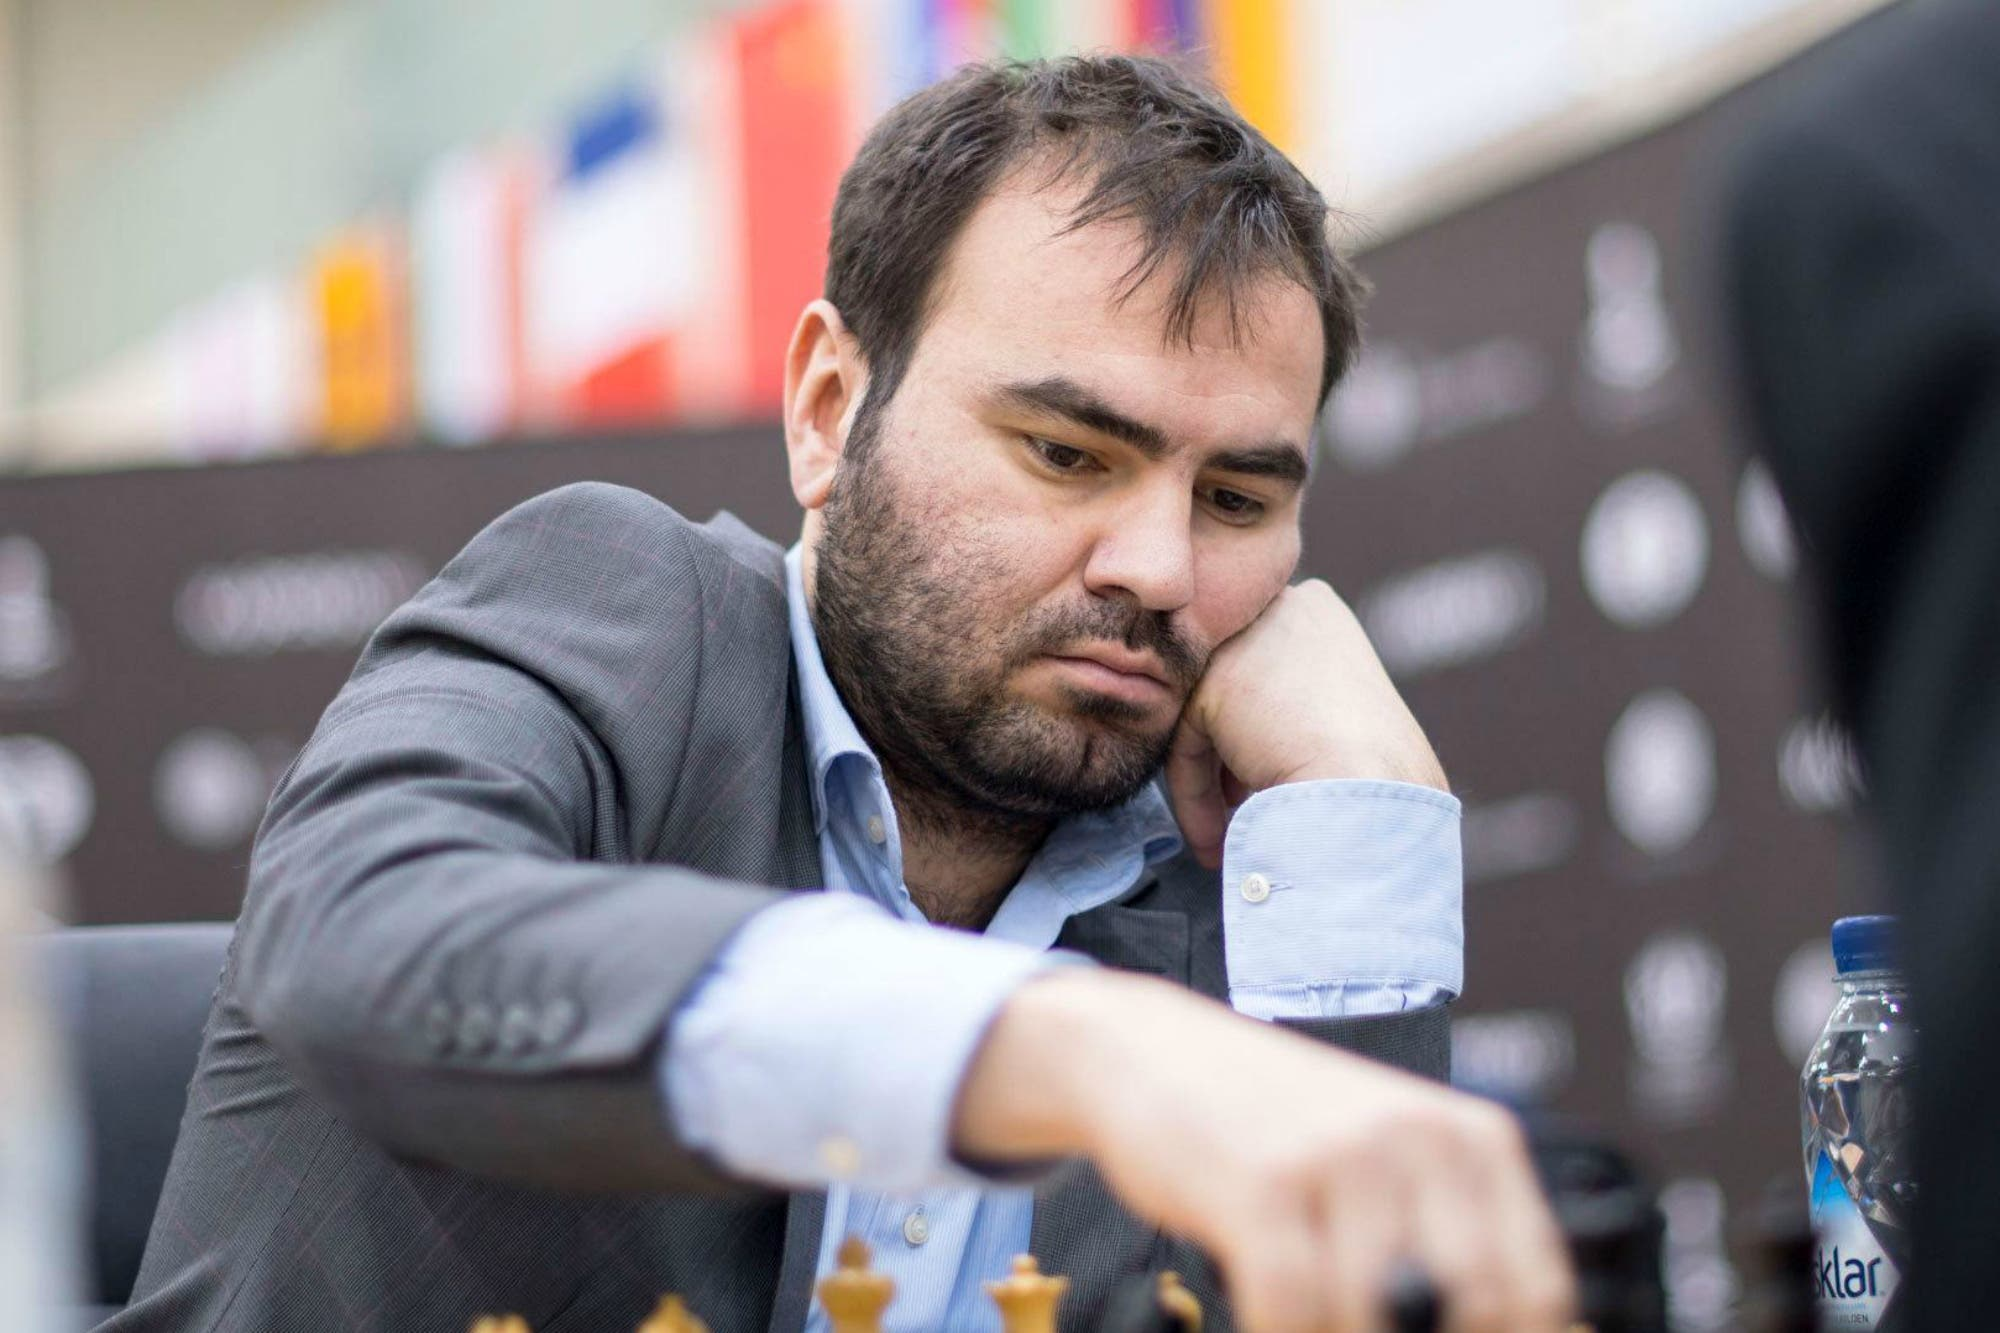 El ajedrez descubrió otra figura: Mamedyarov ganó el torneo de Biel y derrotó a Carlsen